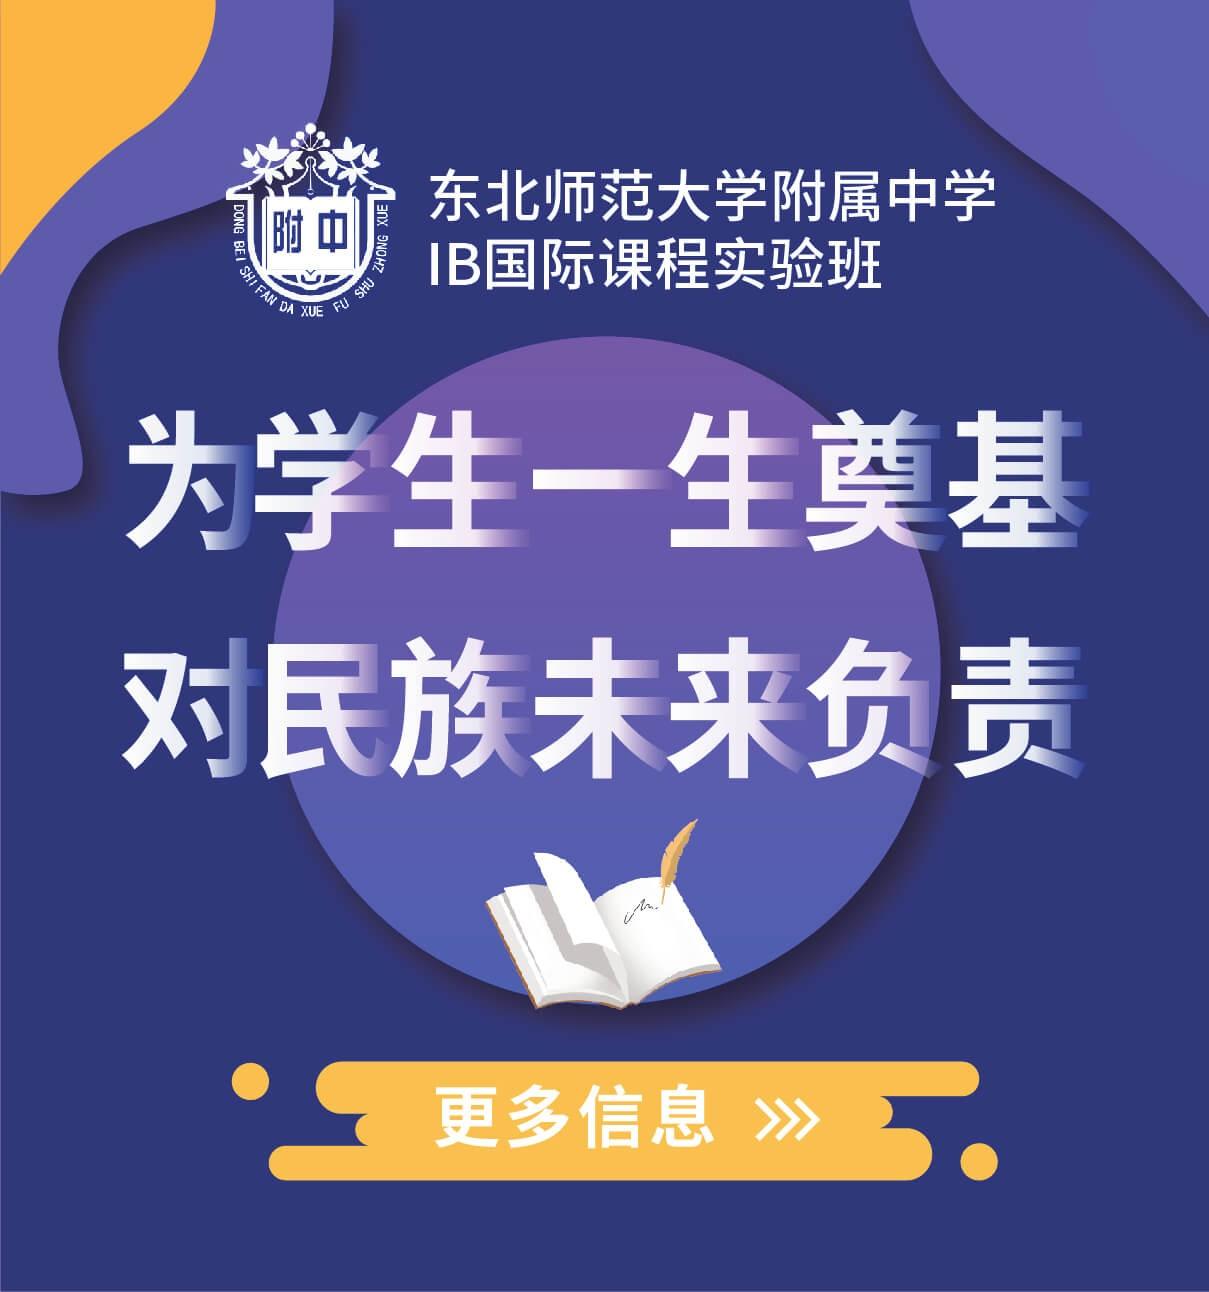 东北师范大学附属中学IB国际课程实验班图片